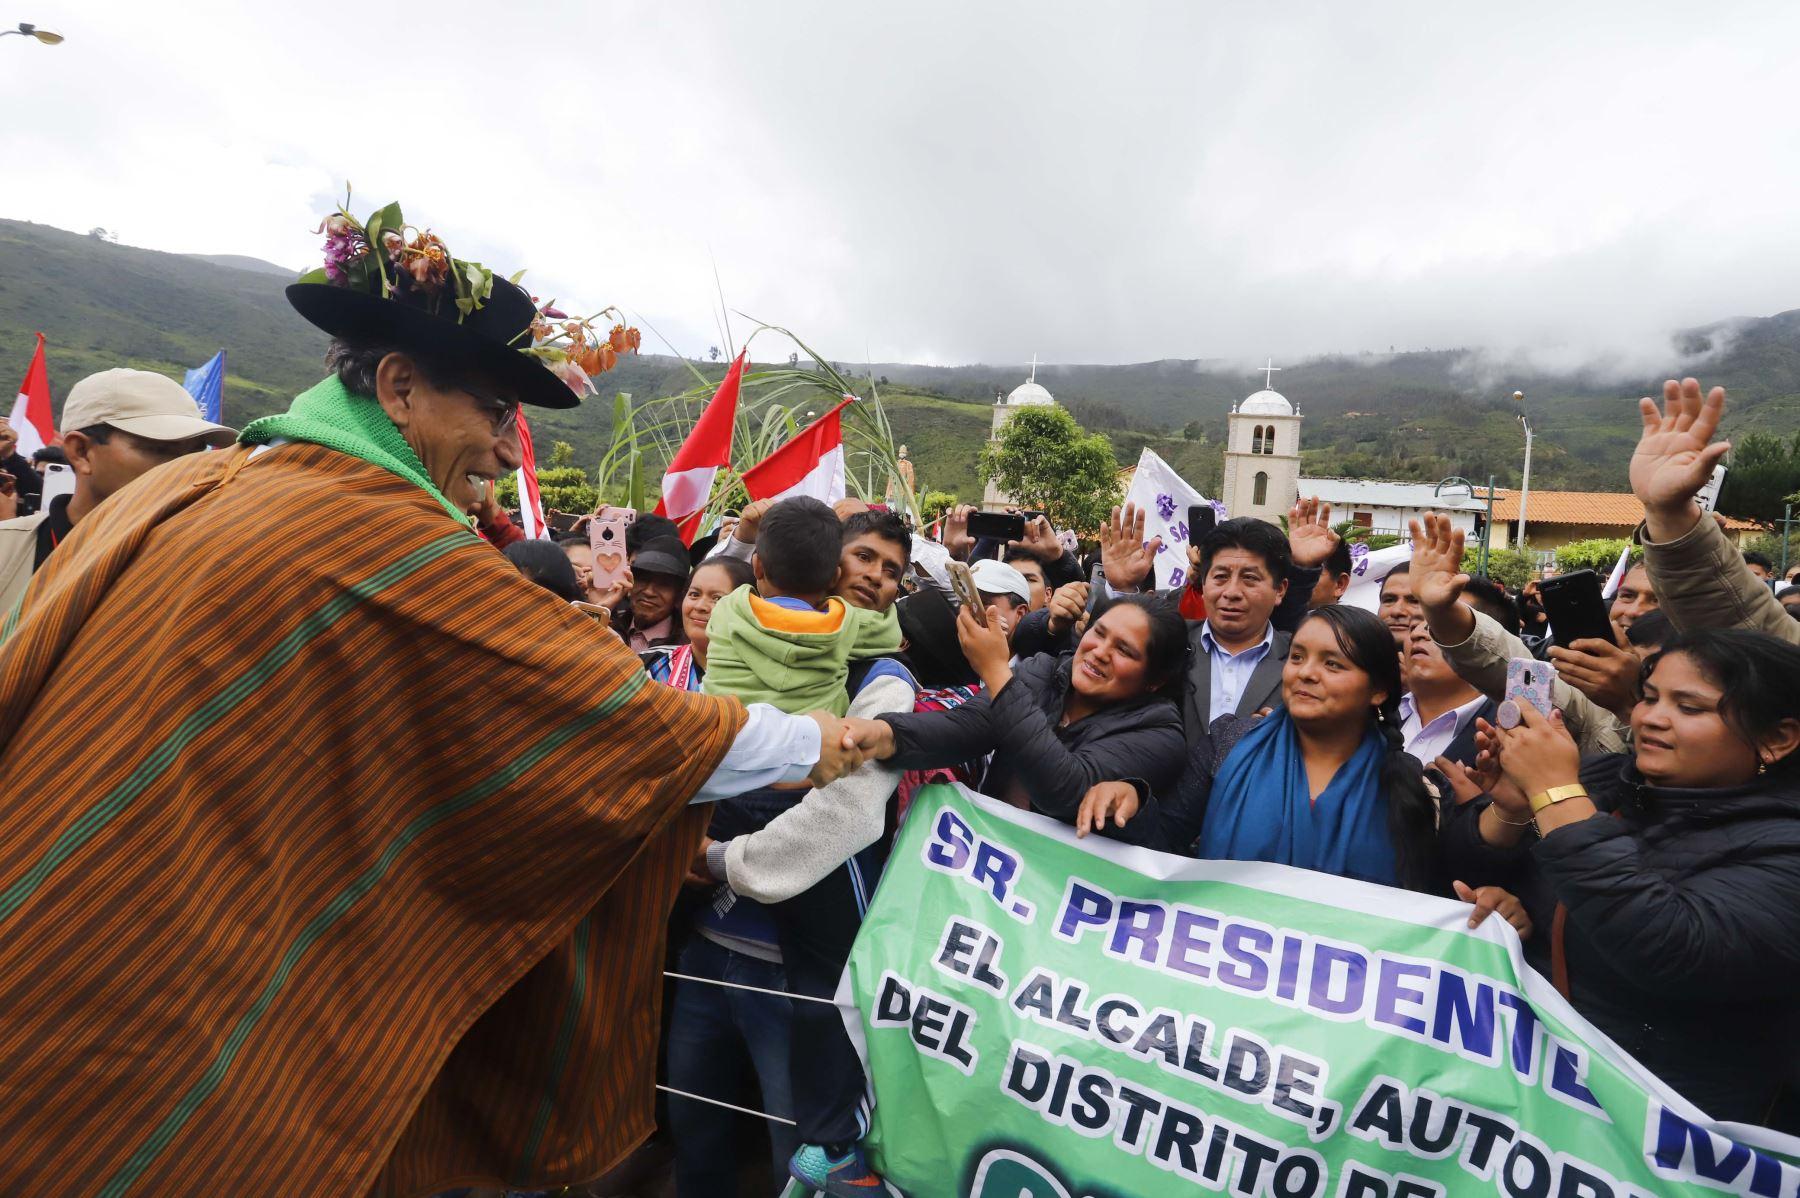 El presidente Martín Vizcarra realizó una supervisión de la obra de mejoramiento de la carretera Salcahuasi (Huancavelica), vía que permitirá unir a tres distritos de esta parte del país que se encuentran actualmente aislados y no tenían una conexión adecuada.Foto.ANDINA/ Prensa Presidencia